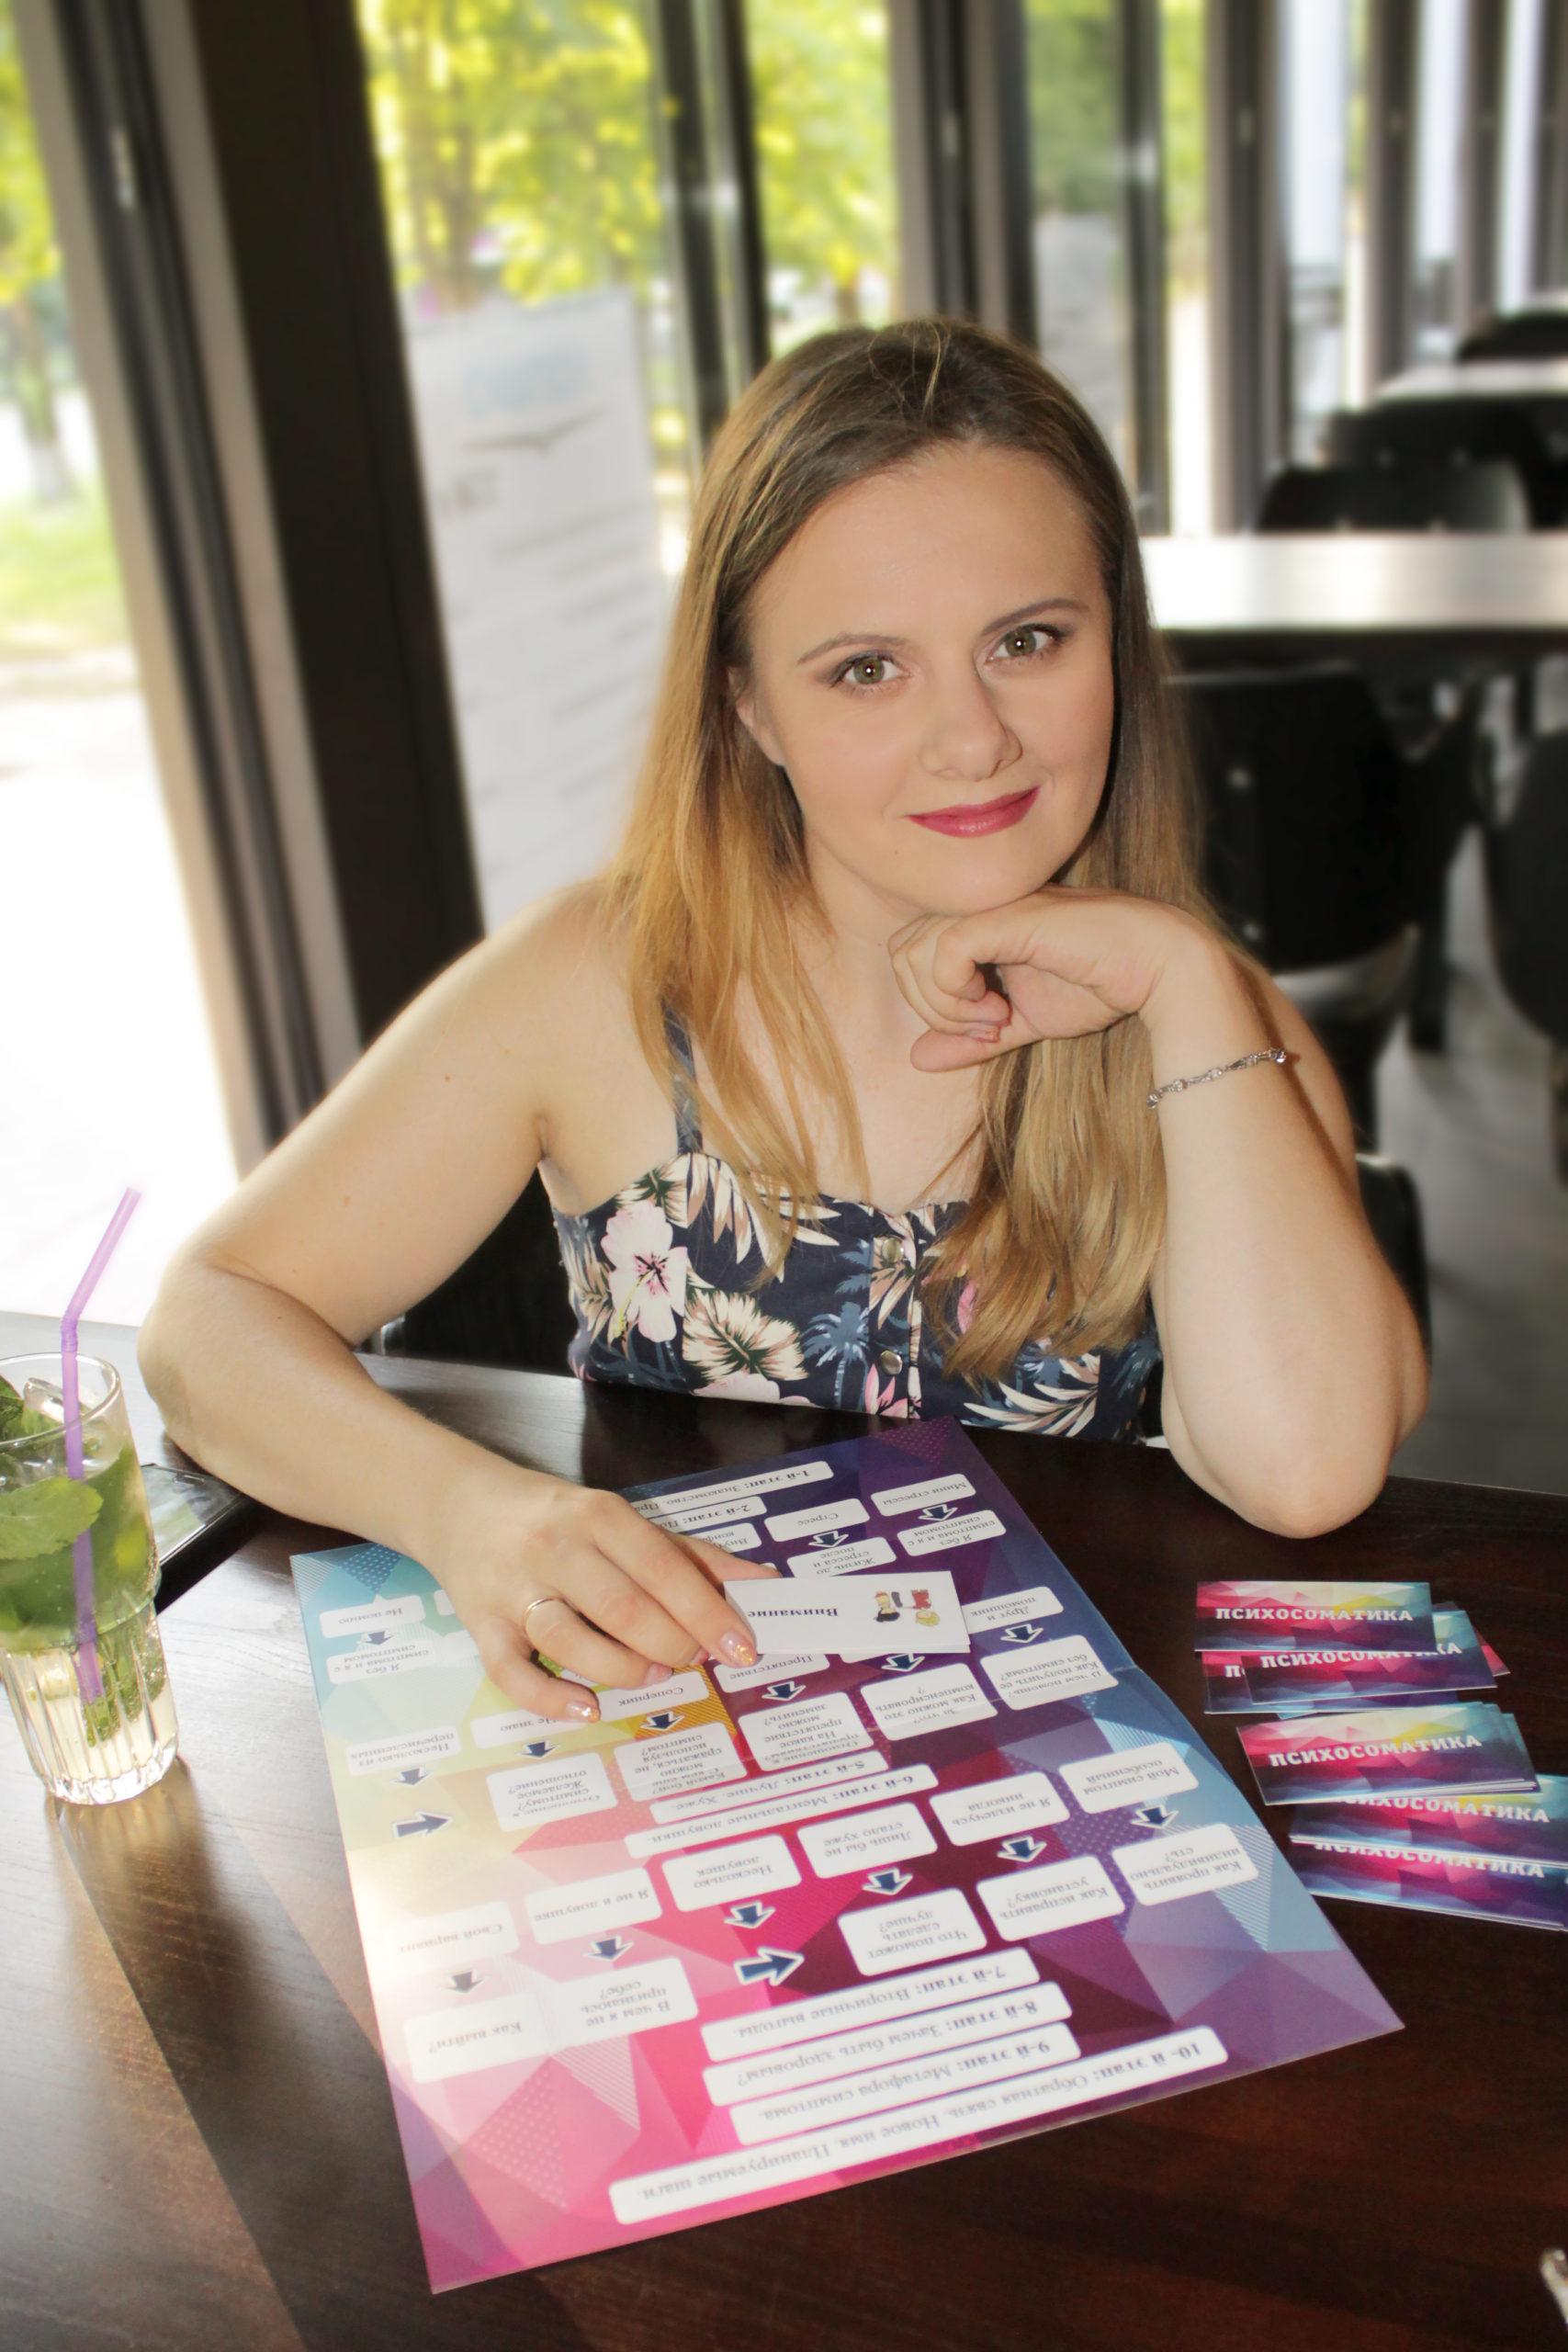 Ольга Ракитская, 28лет, Украина